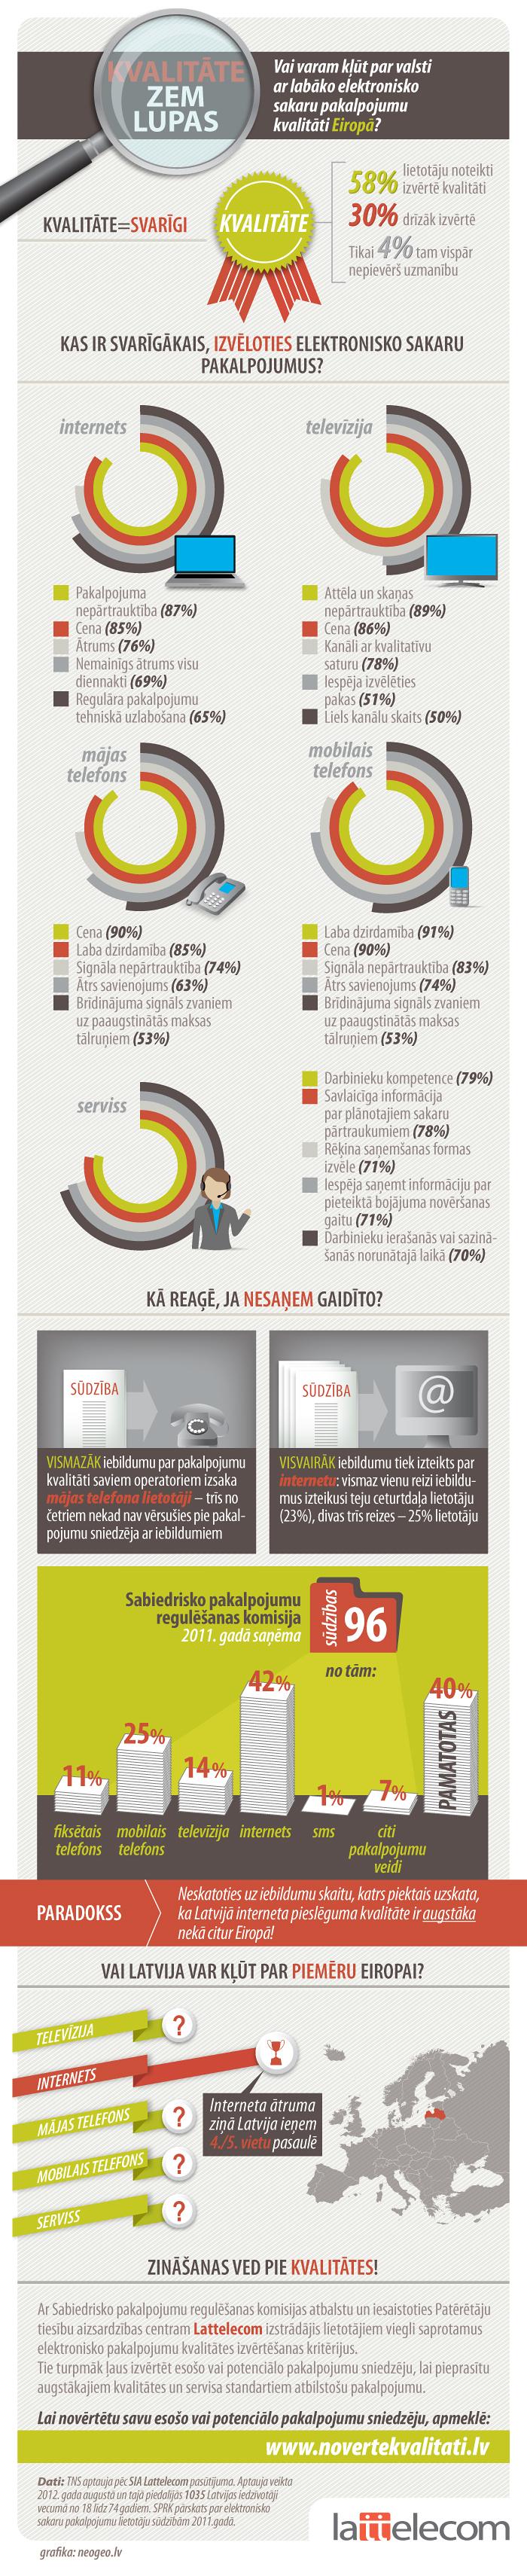 Infografika: Kvalitāte zem lupas. Vai varam kļūt par valsti ar labāko elektronisko sakaru pakalpojumu kvalitāti Latvijā